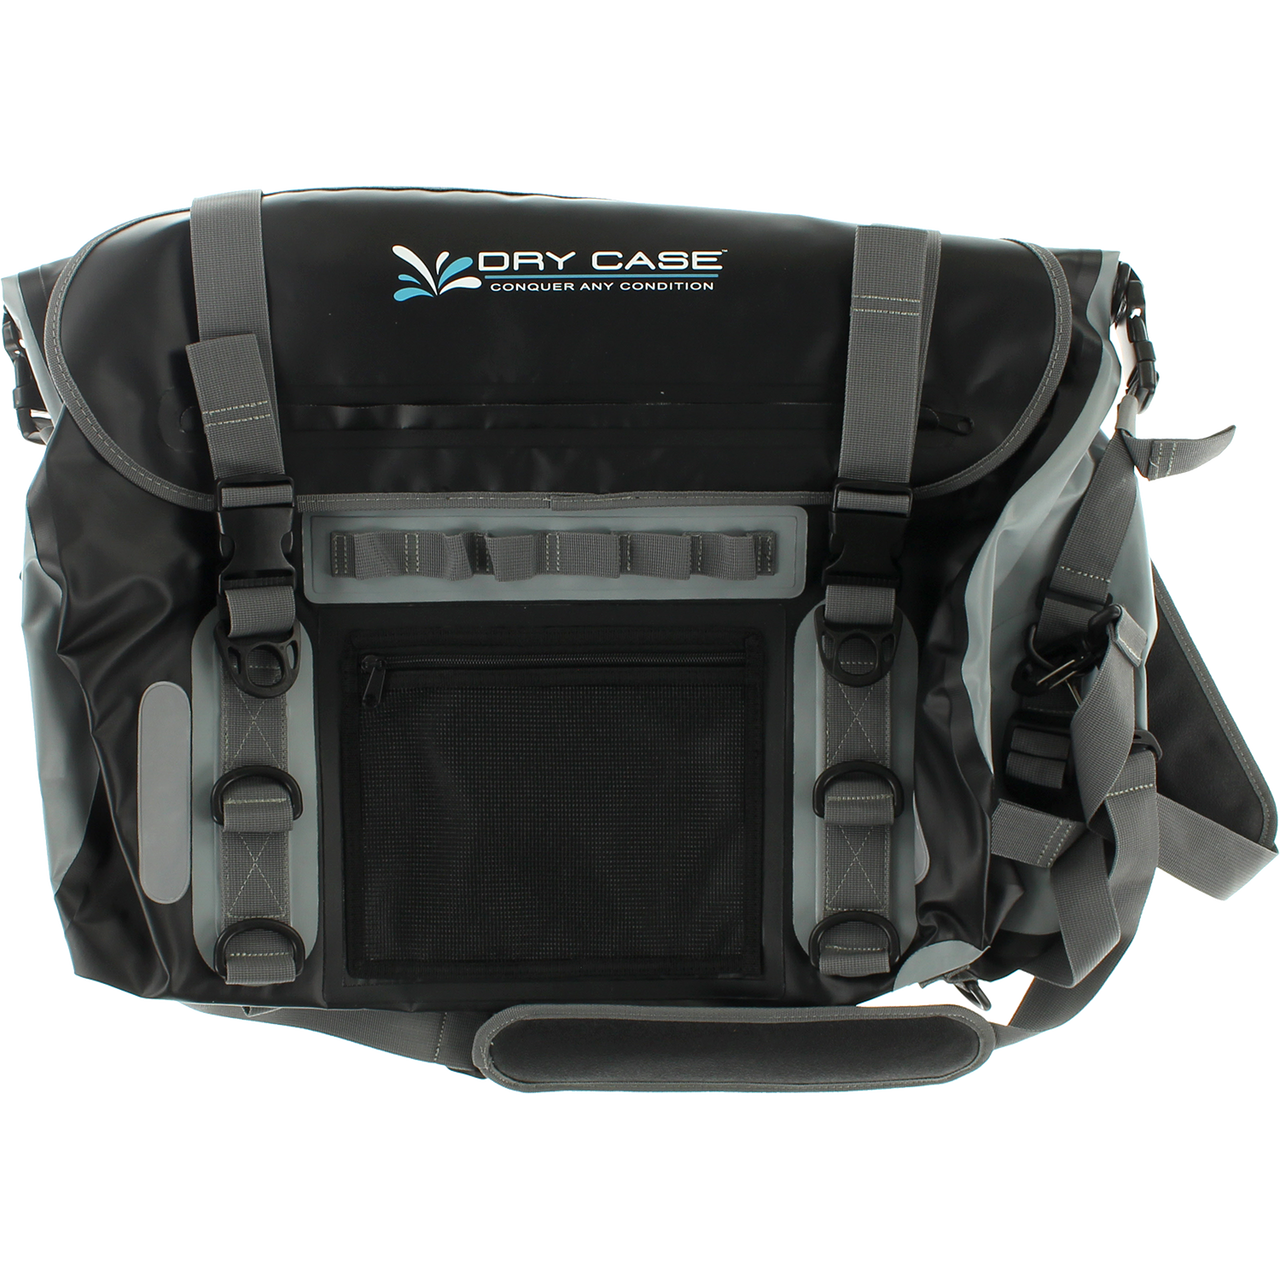 Waterproof Duffle Bags >> Dry Case The Forty Waterproof Duffle Bag Grey Backpack